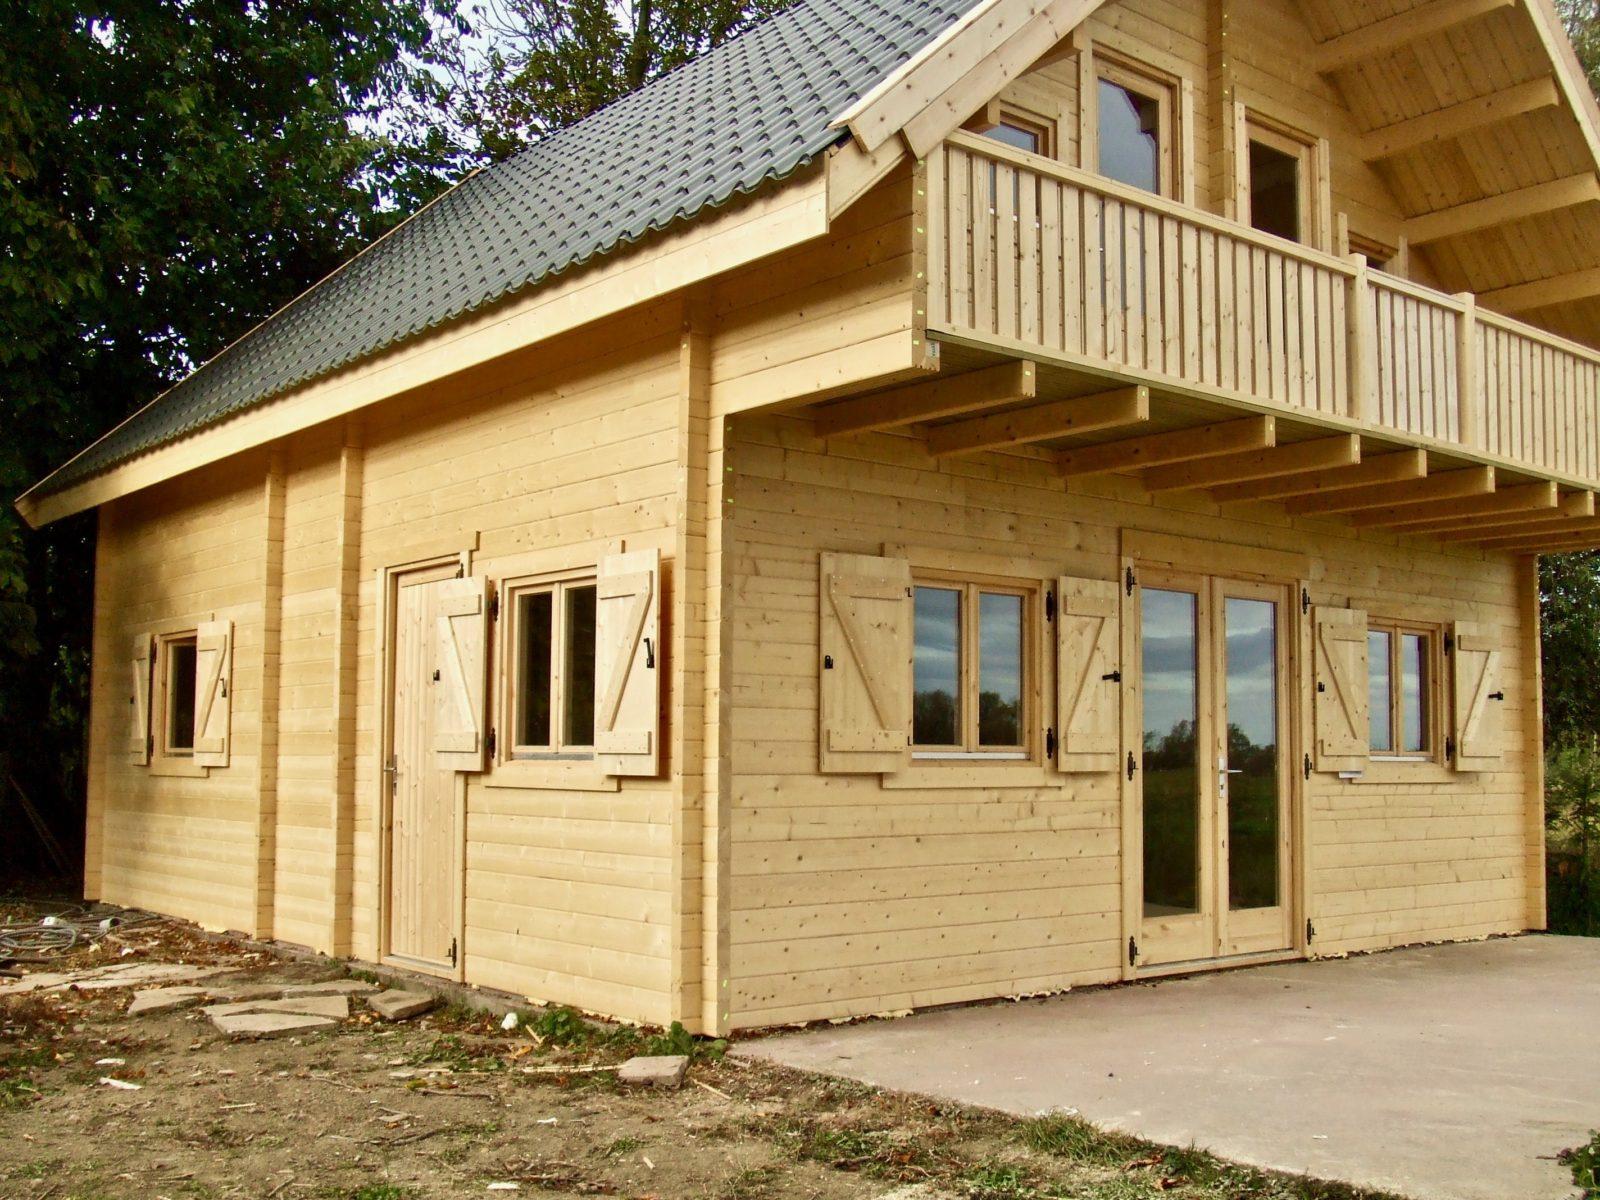 maison en madrier à structure symetrique 3